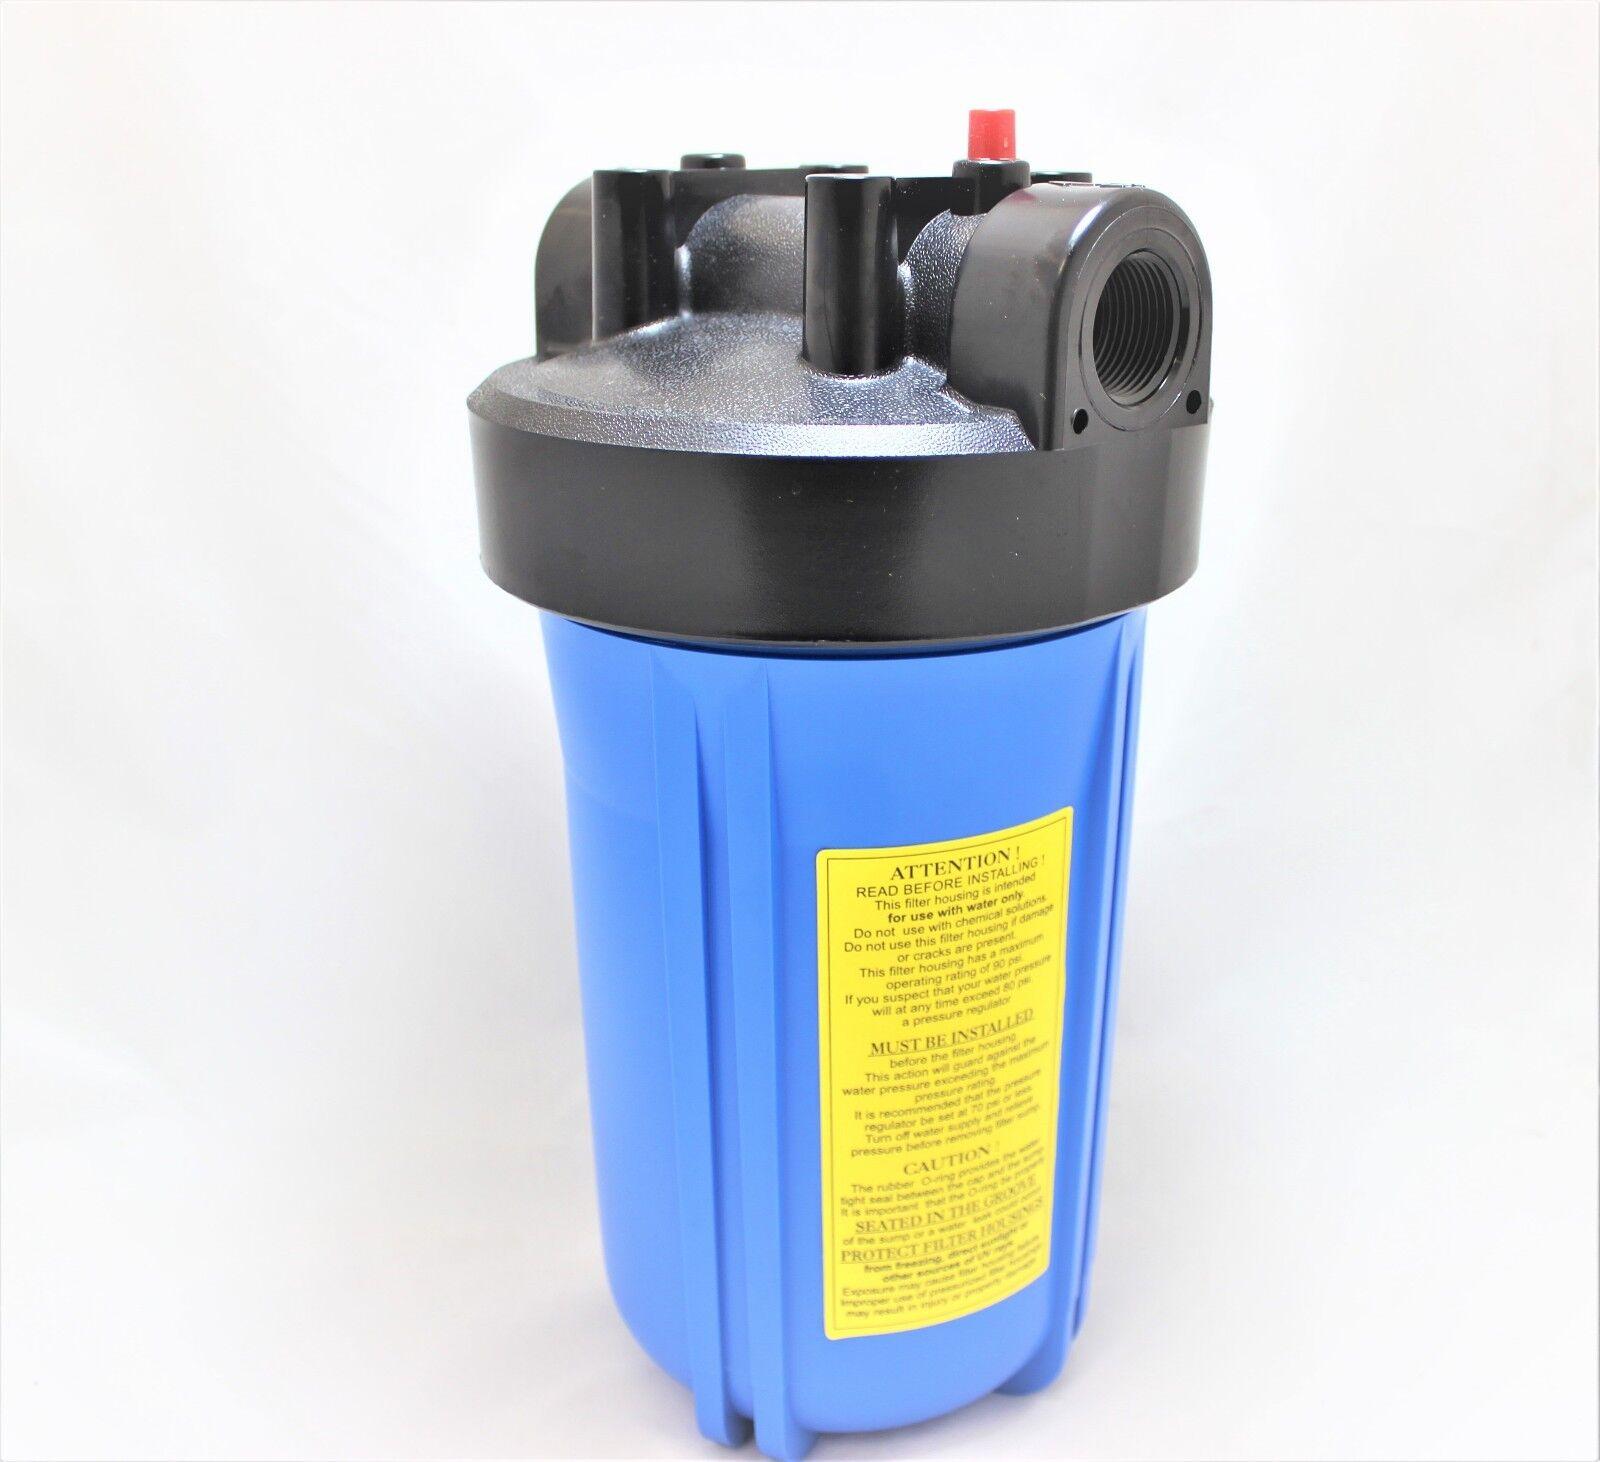 Big Blue Water Filter Housing 10 Quot X 4 5 Quot Pressure Cap